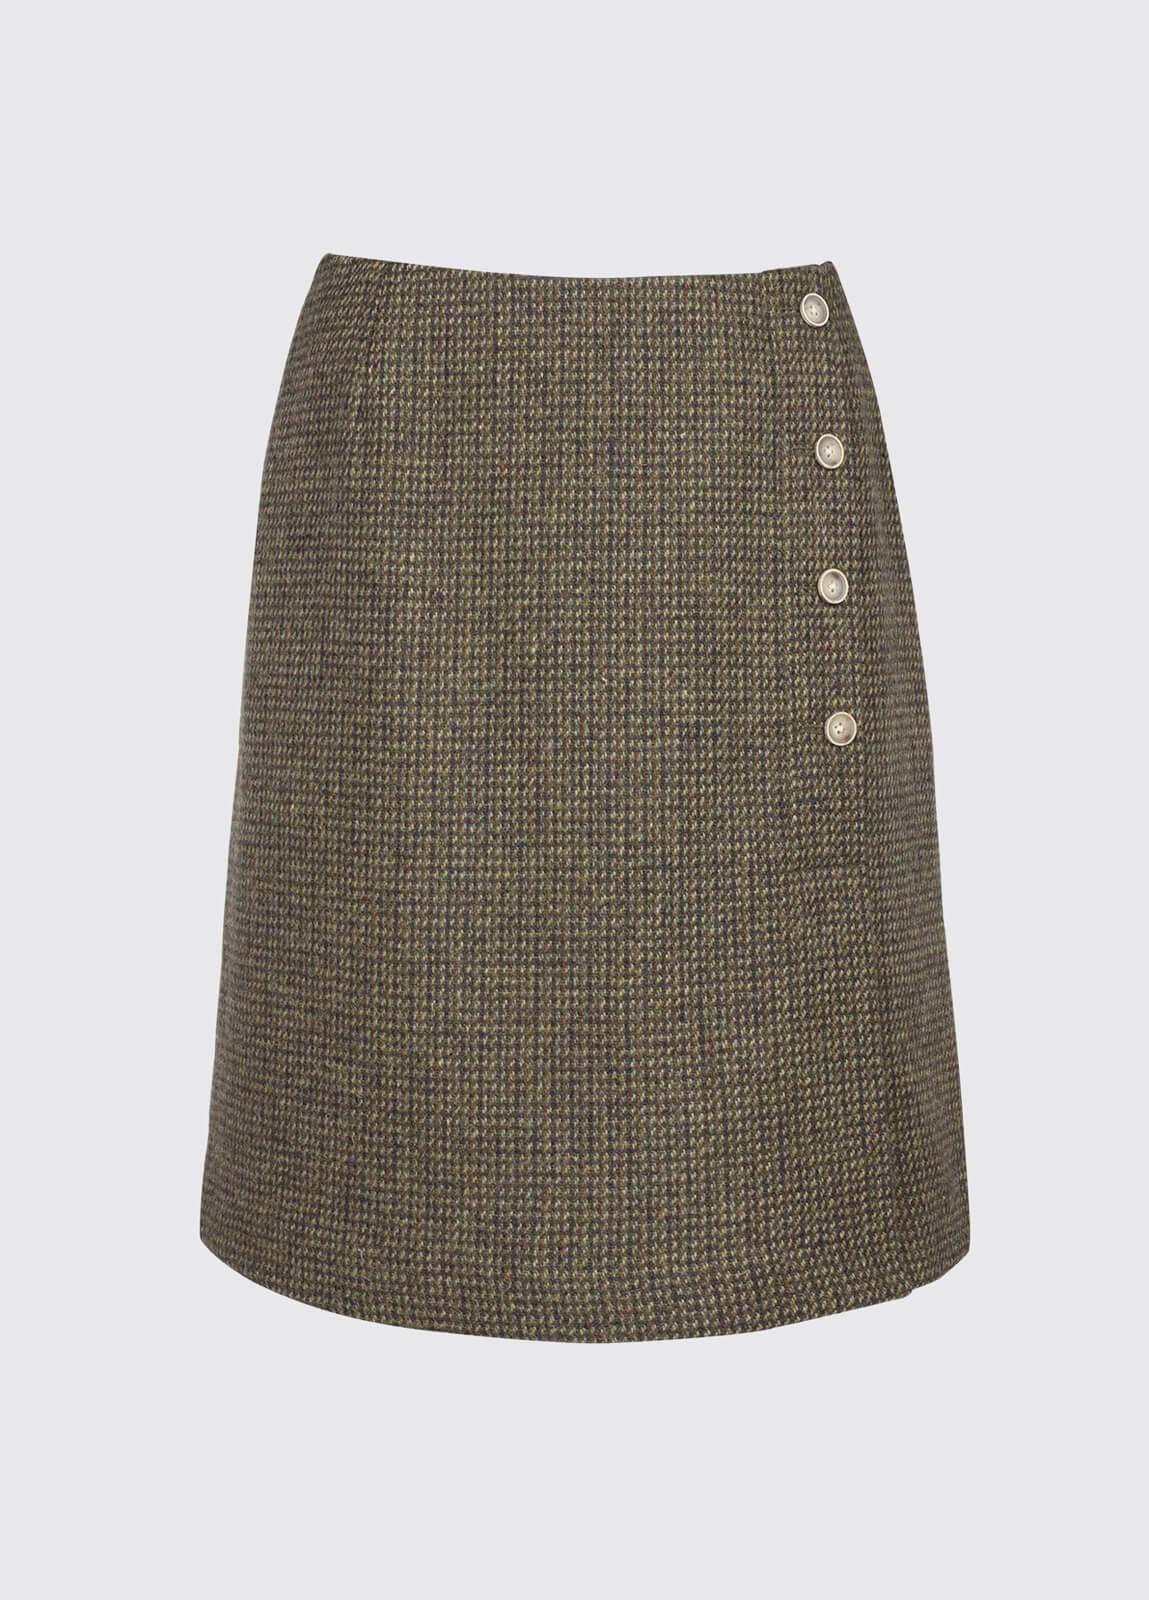 Marjoram Slim Tweed Skirt - Heath